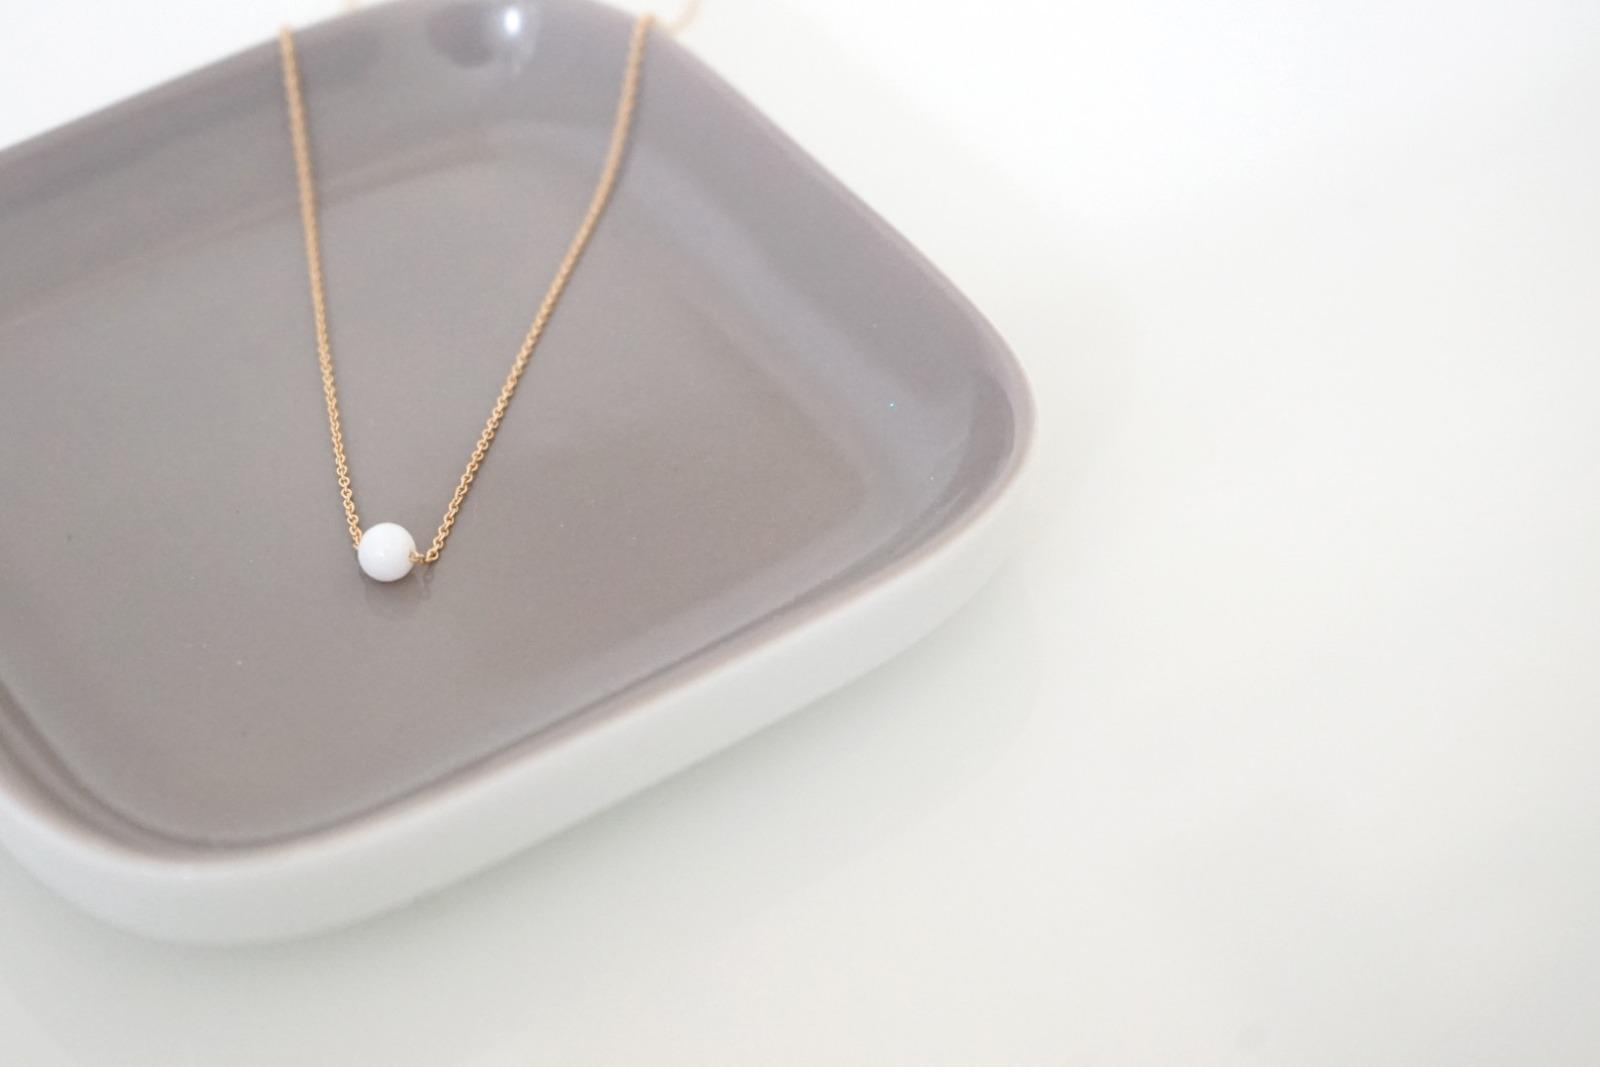 Feine Ankerkette Sterling Silber vergoldet Perle - 1